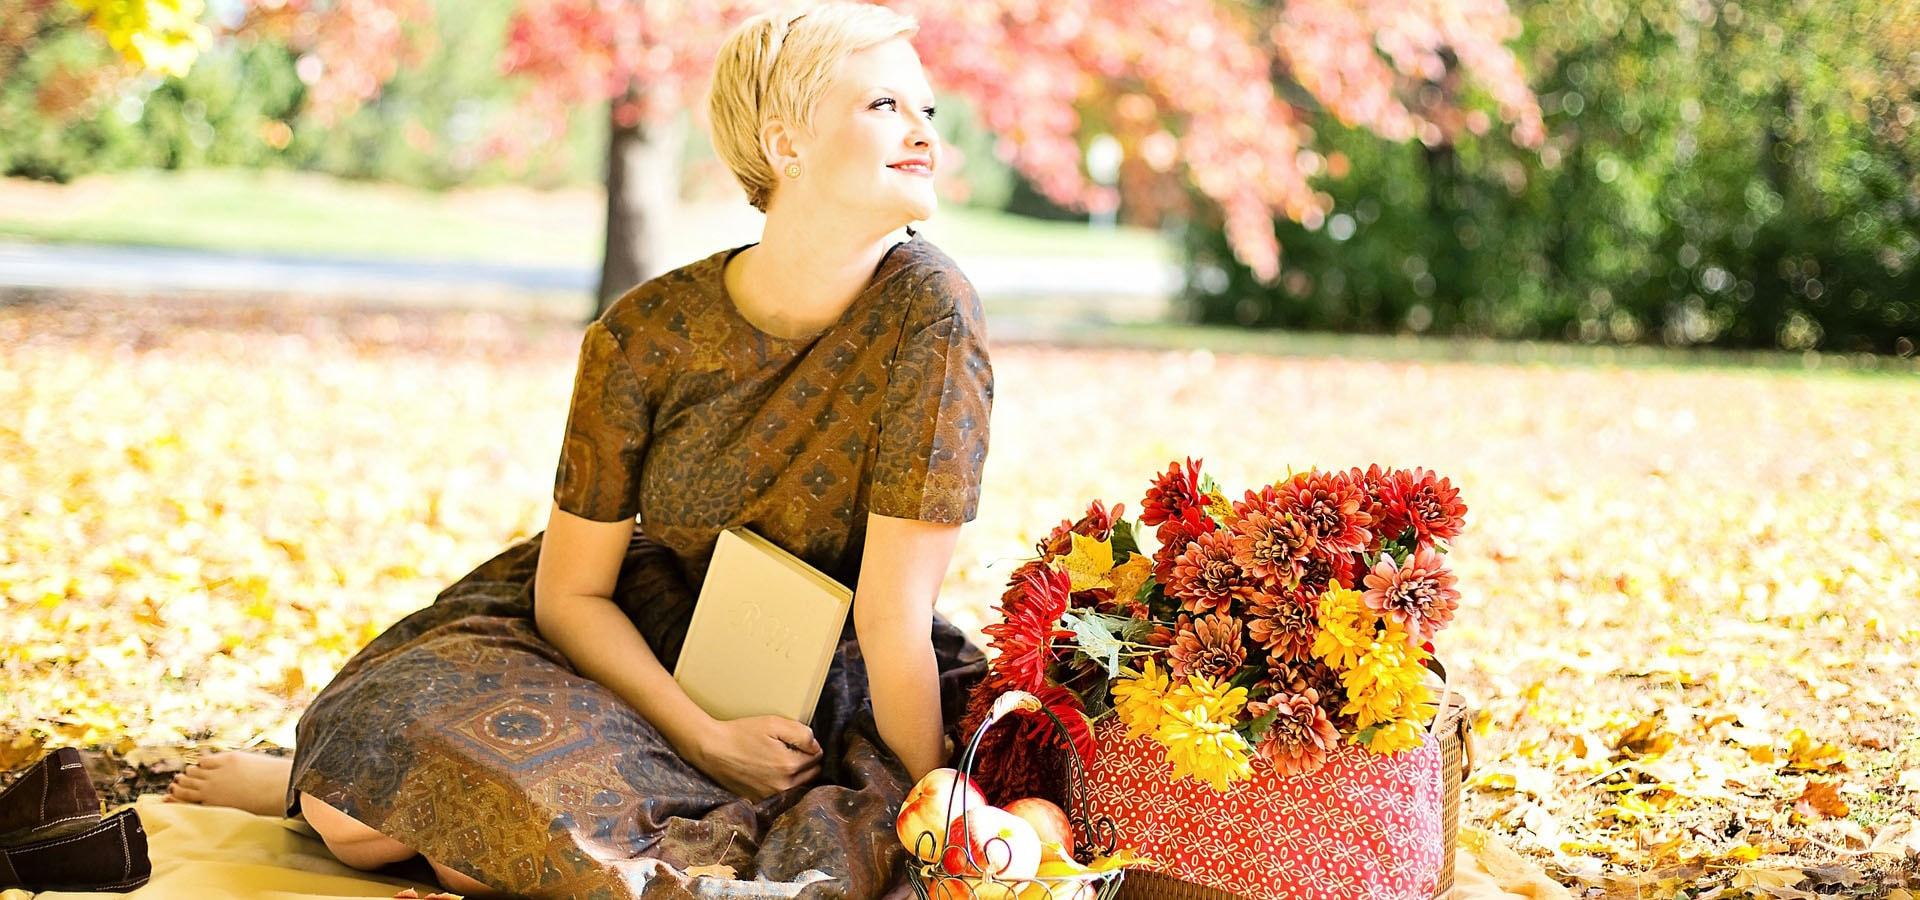 être belle automne 2016 image intro